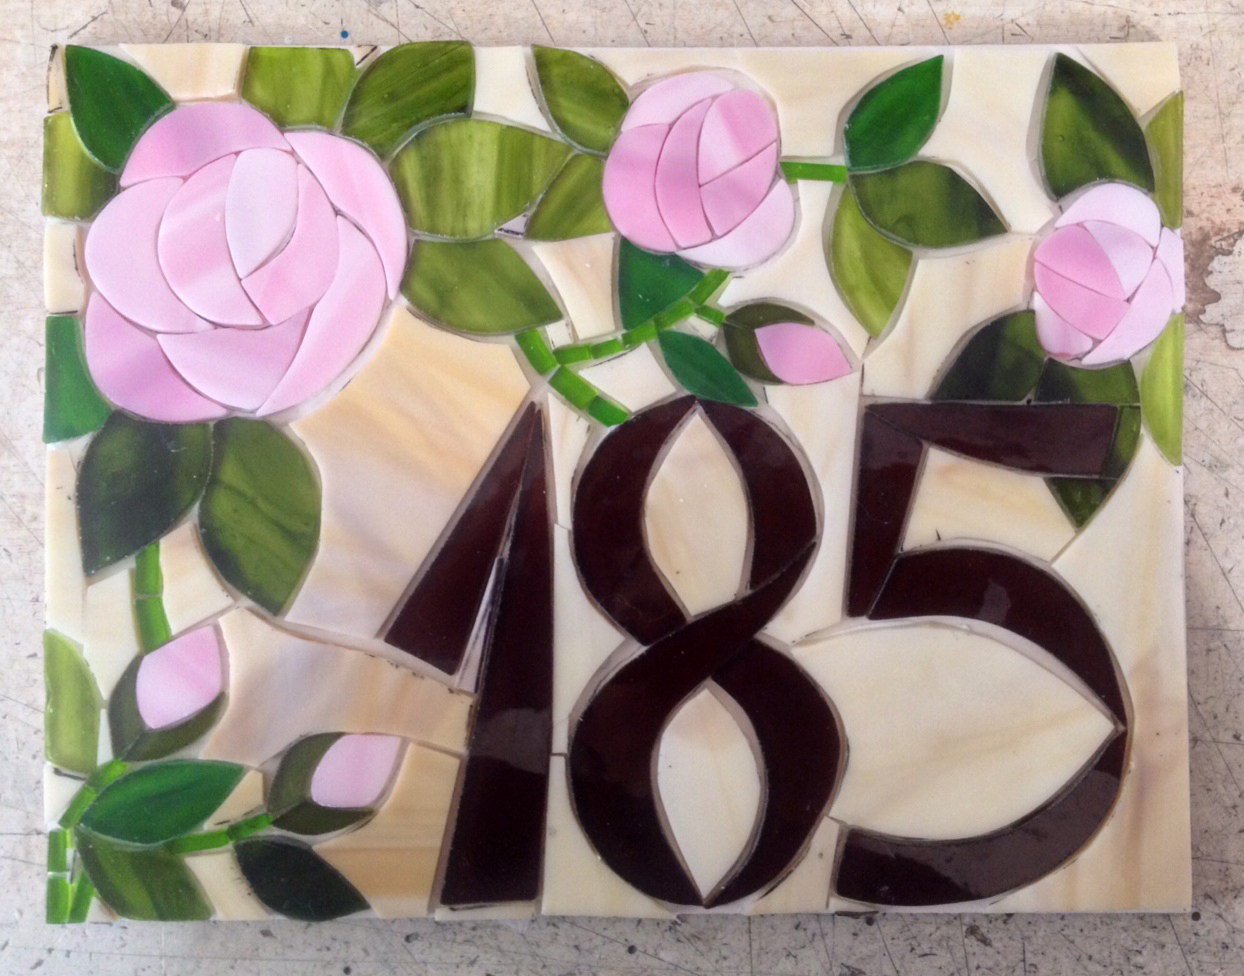 Número de rosas em mosaico